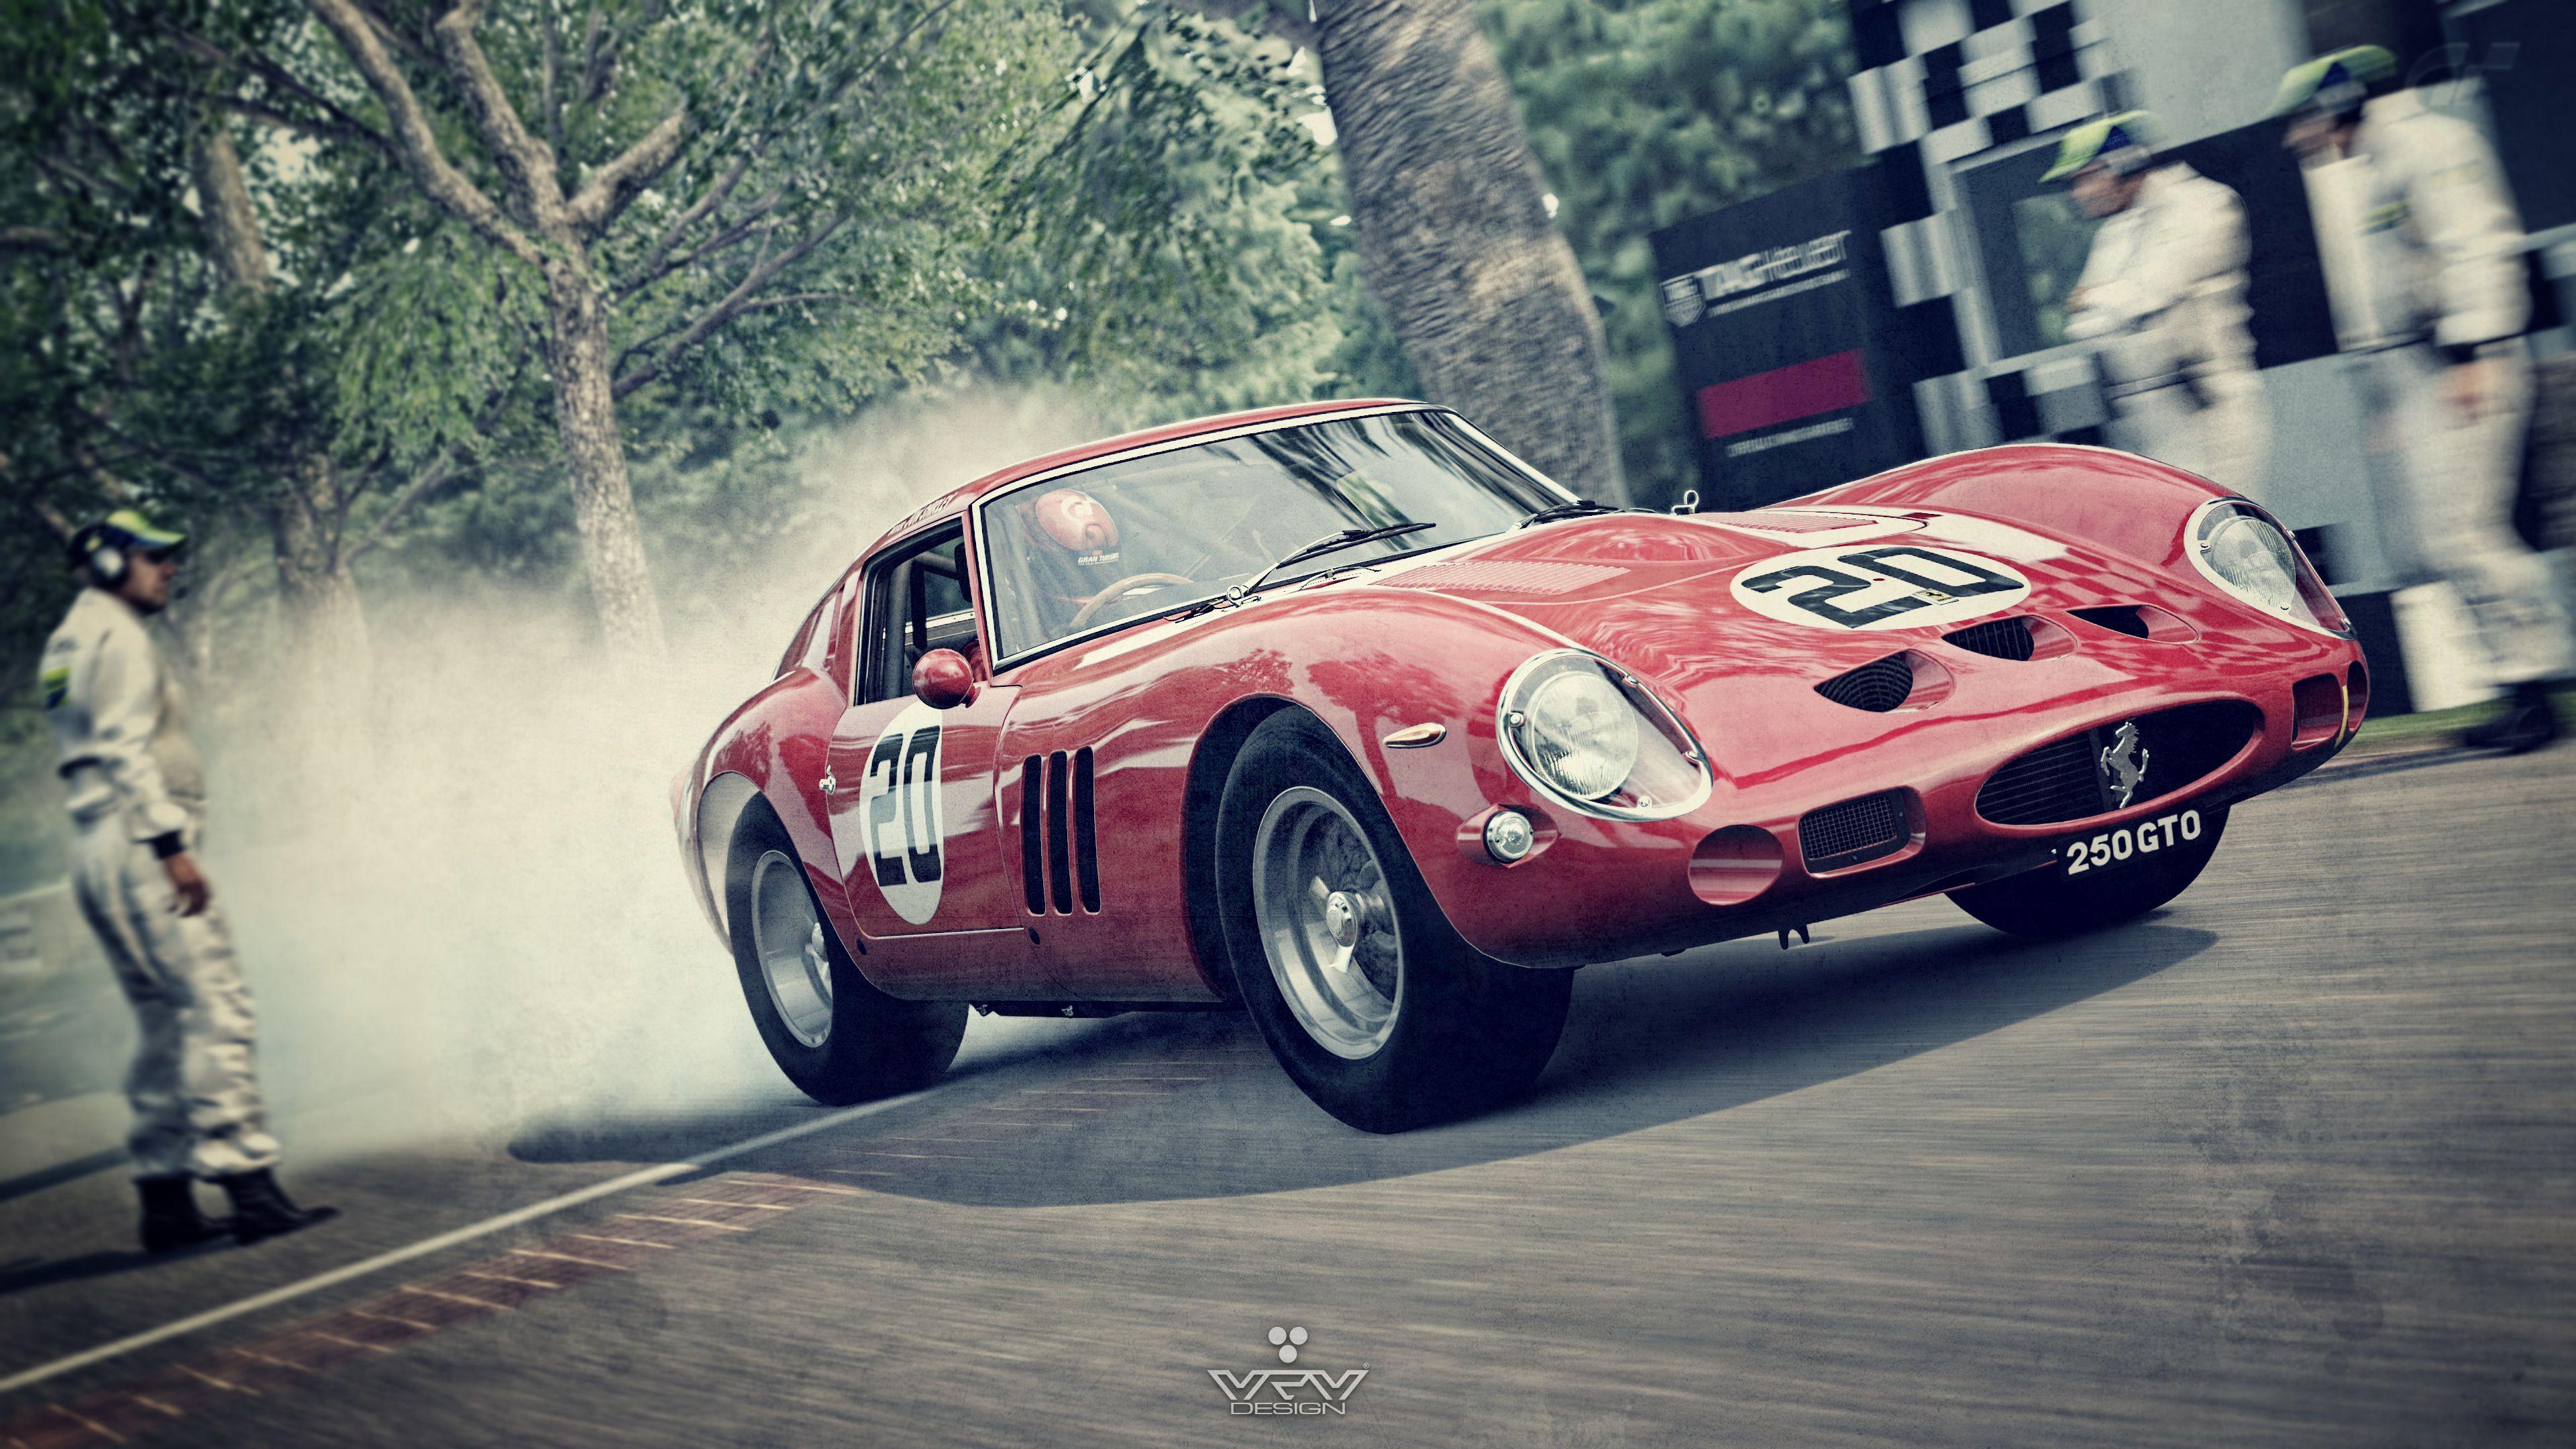 Ferrari 250 Gto Wallpapers Wallpaper Cave